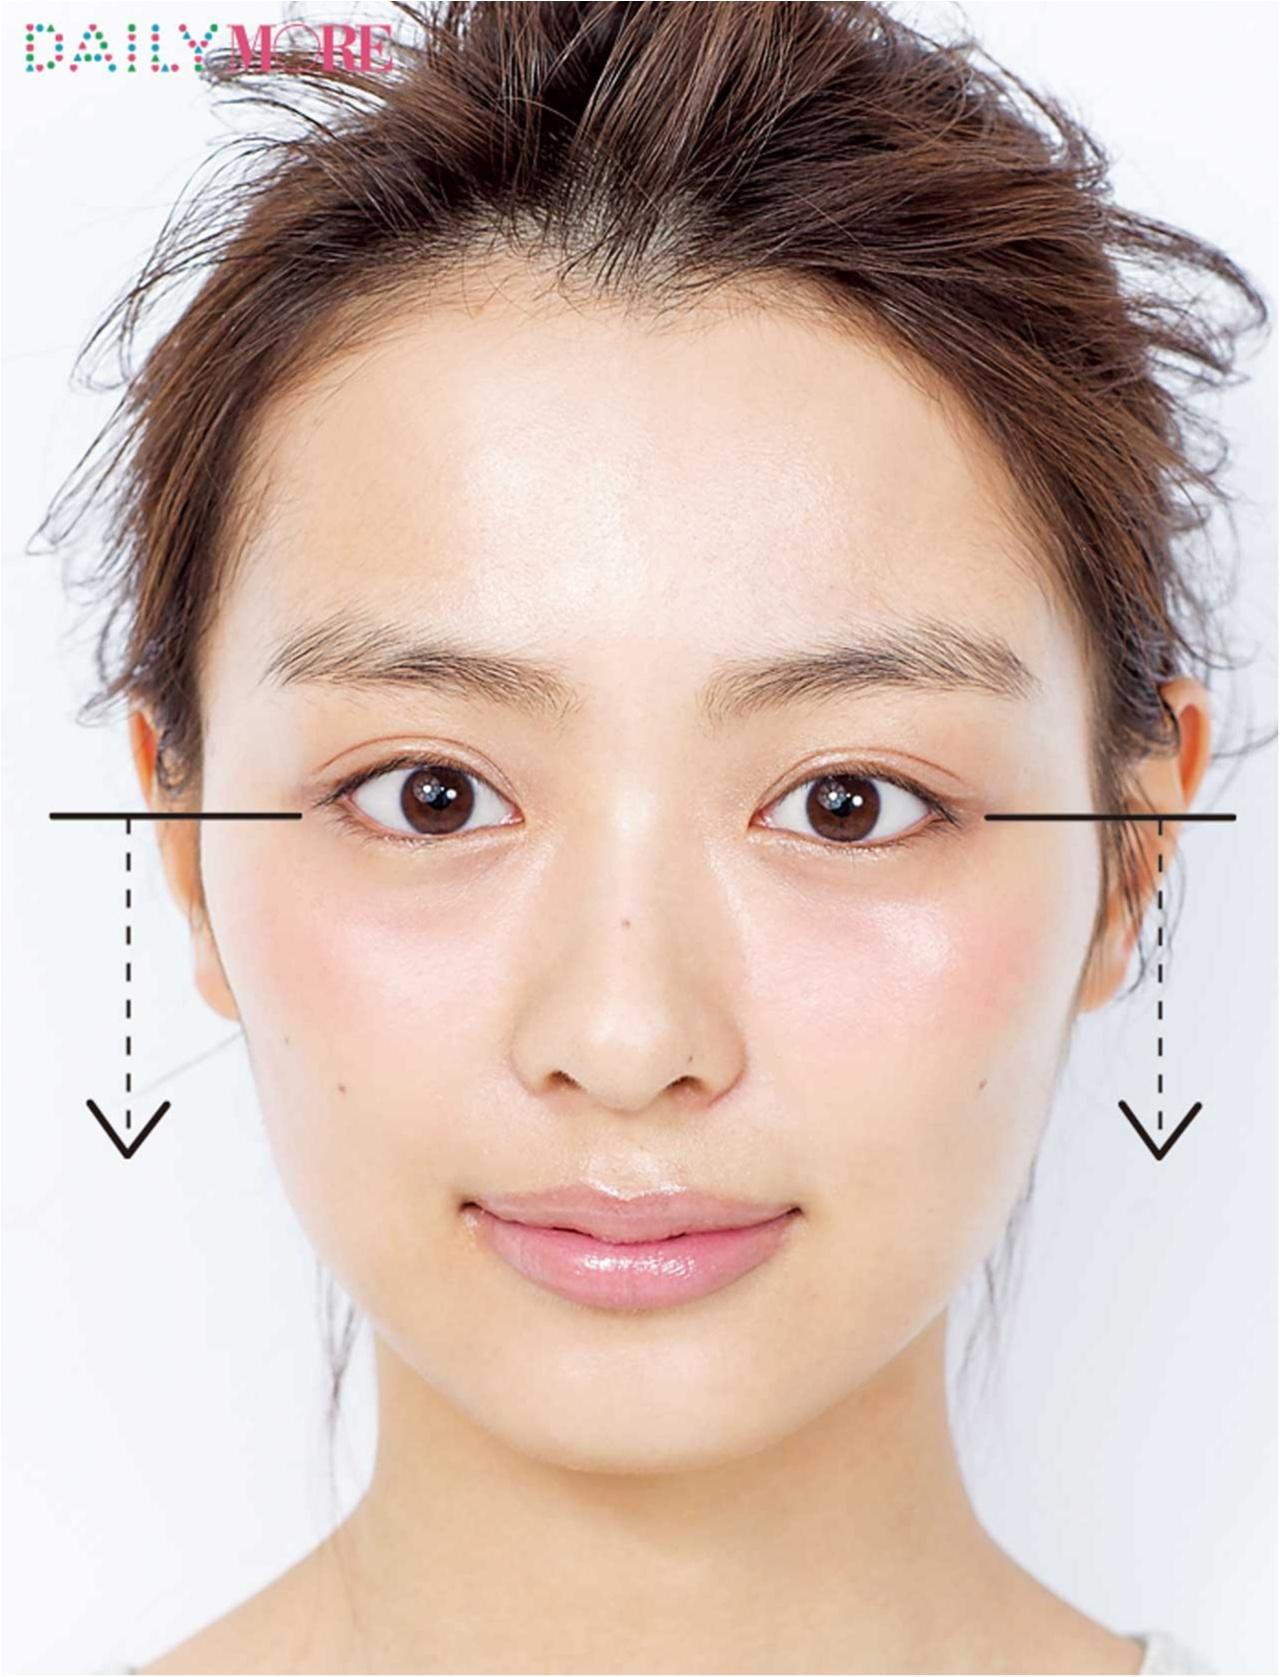 小顔を目指す【大全集】 - すぐにできる簡単マッサージや小顔メイク、スキンケアやグッズなどフェイスラインの対策まとめ_31